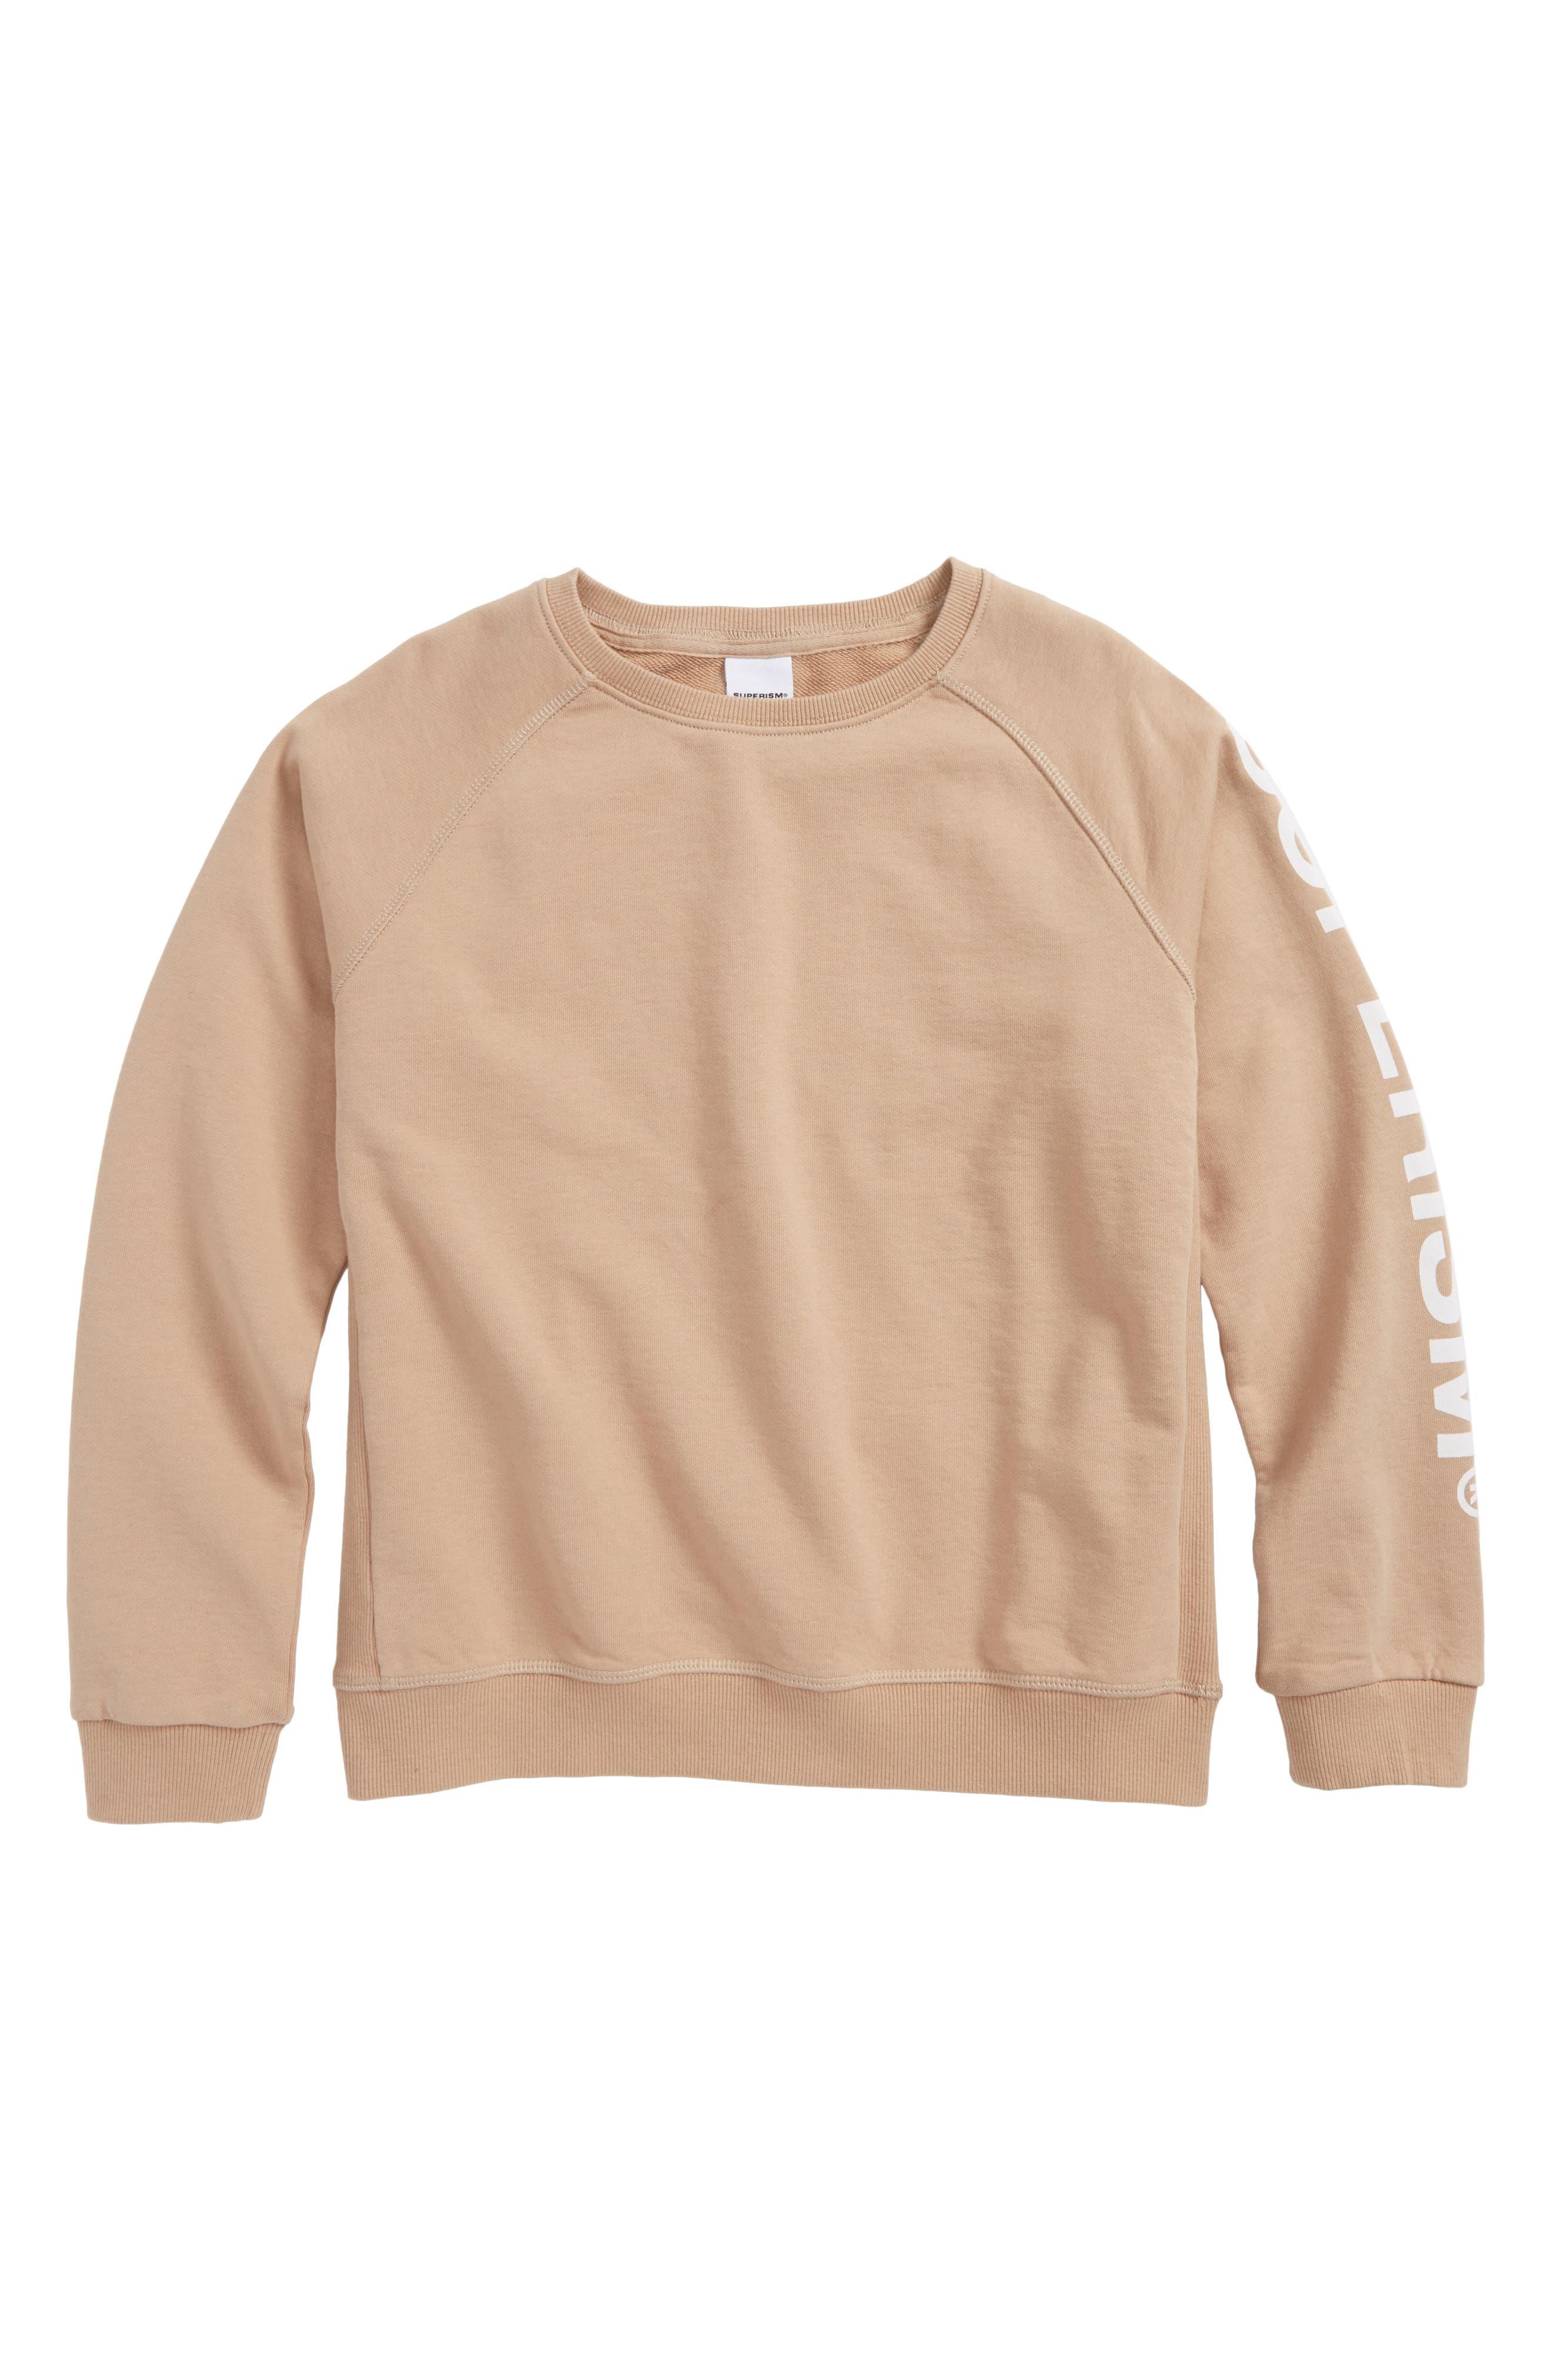 Andy Fleece Sweatshirt,                             Main thumbnail 1, color,                             250